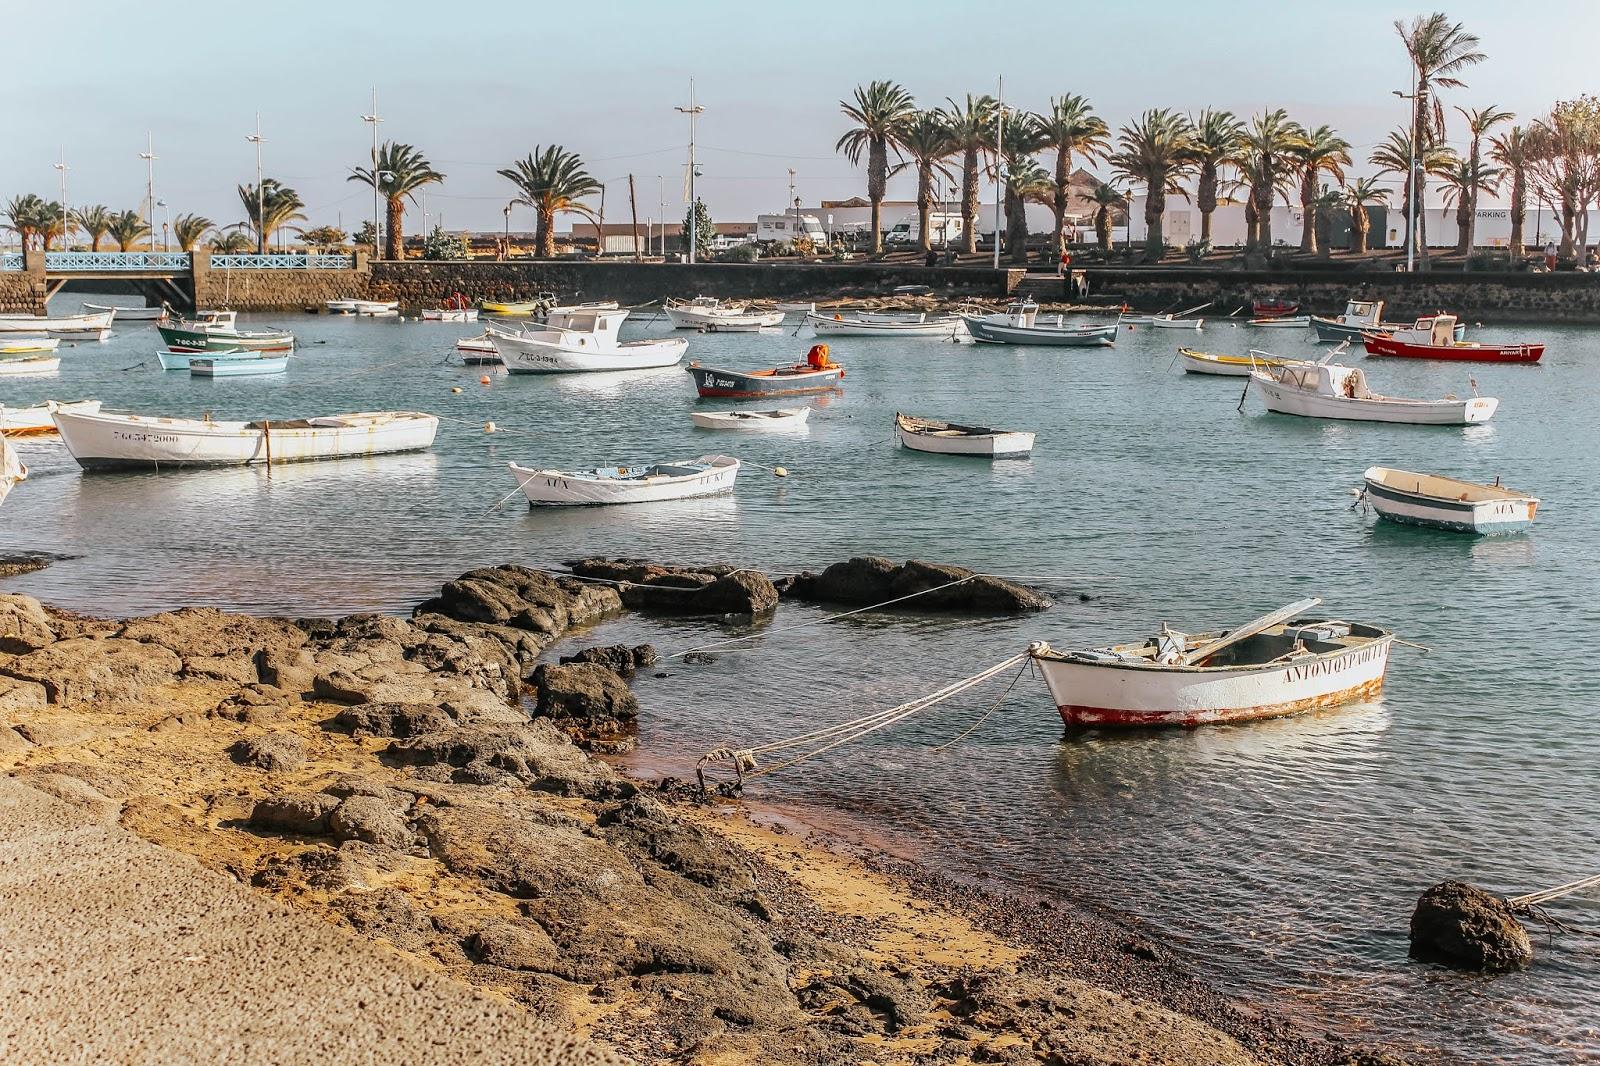 Lanzarote Arrecife Luxury Travel Blog Guide